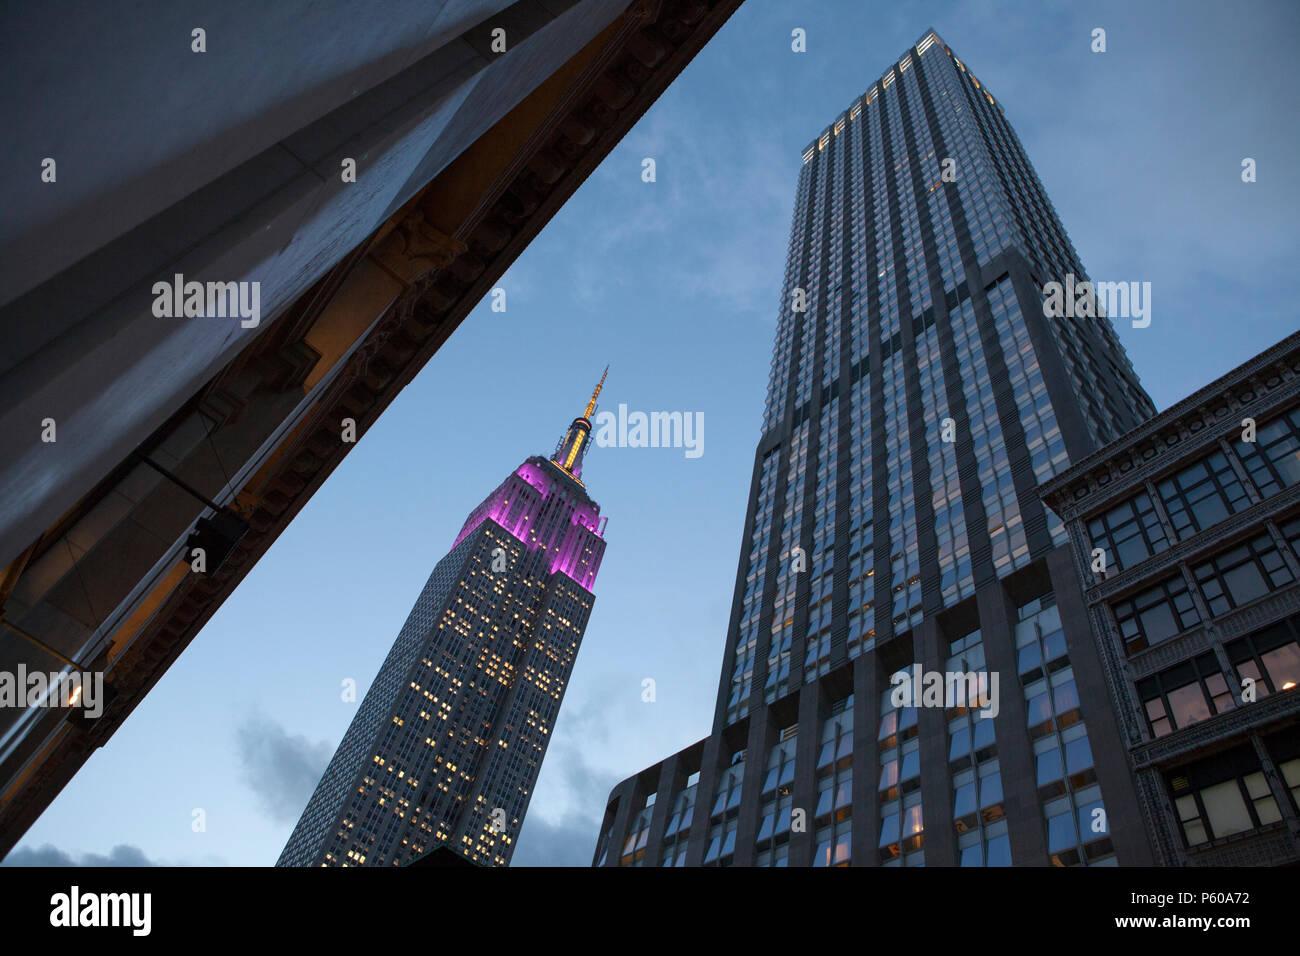 Die Art-deco-Architektur des New Yorker Empire State Building reicht in die Dämmerung Himmel Stockbild